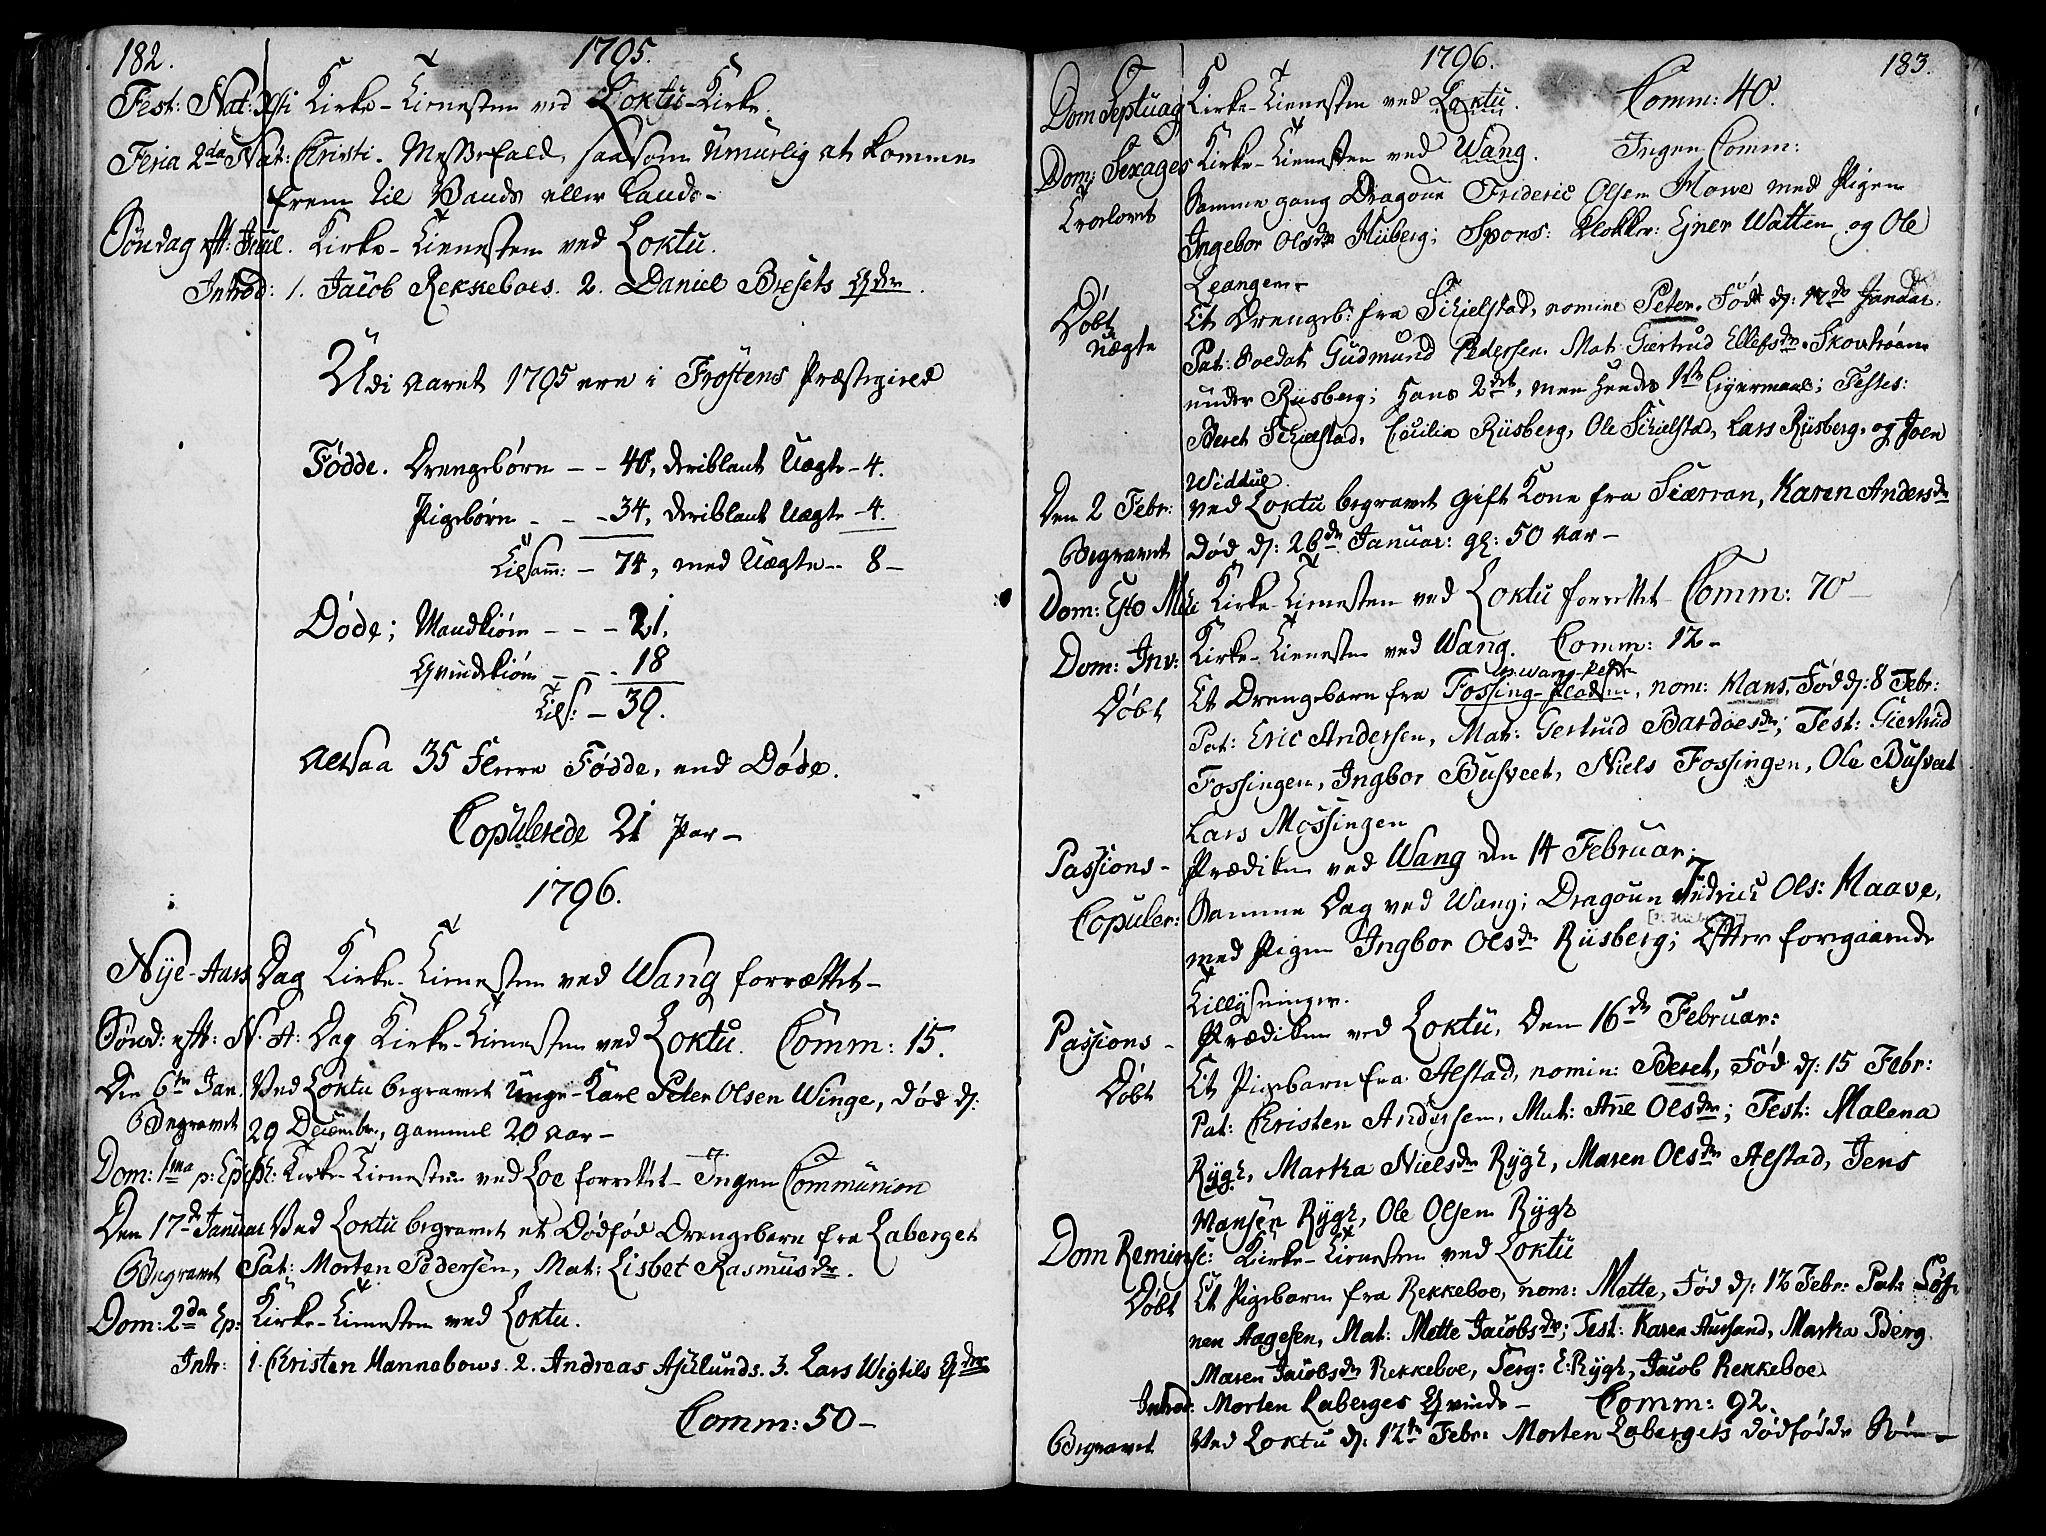 SAT, Ministerialprotokoller, klokkerbøker og fødselsregistre - Nord-Trøndelag, 713/L0110: Ministerialbok nr. 713A02, 1778-1811, s. 182-183